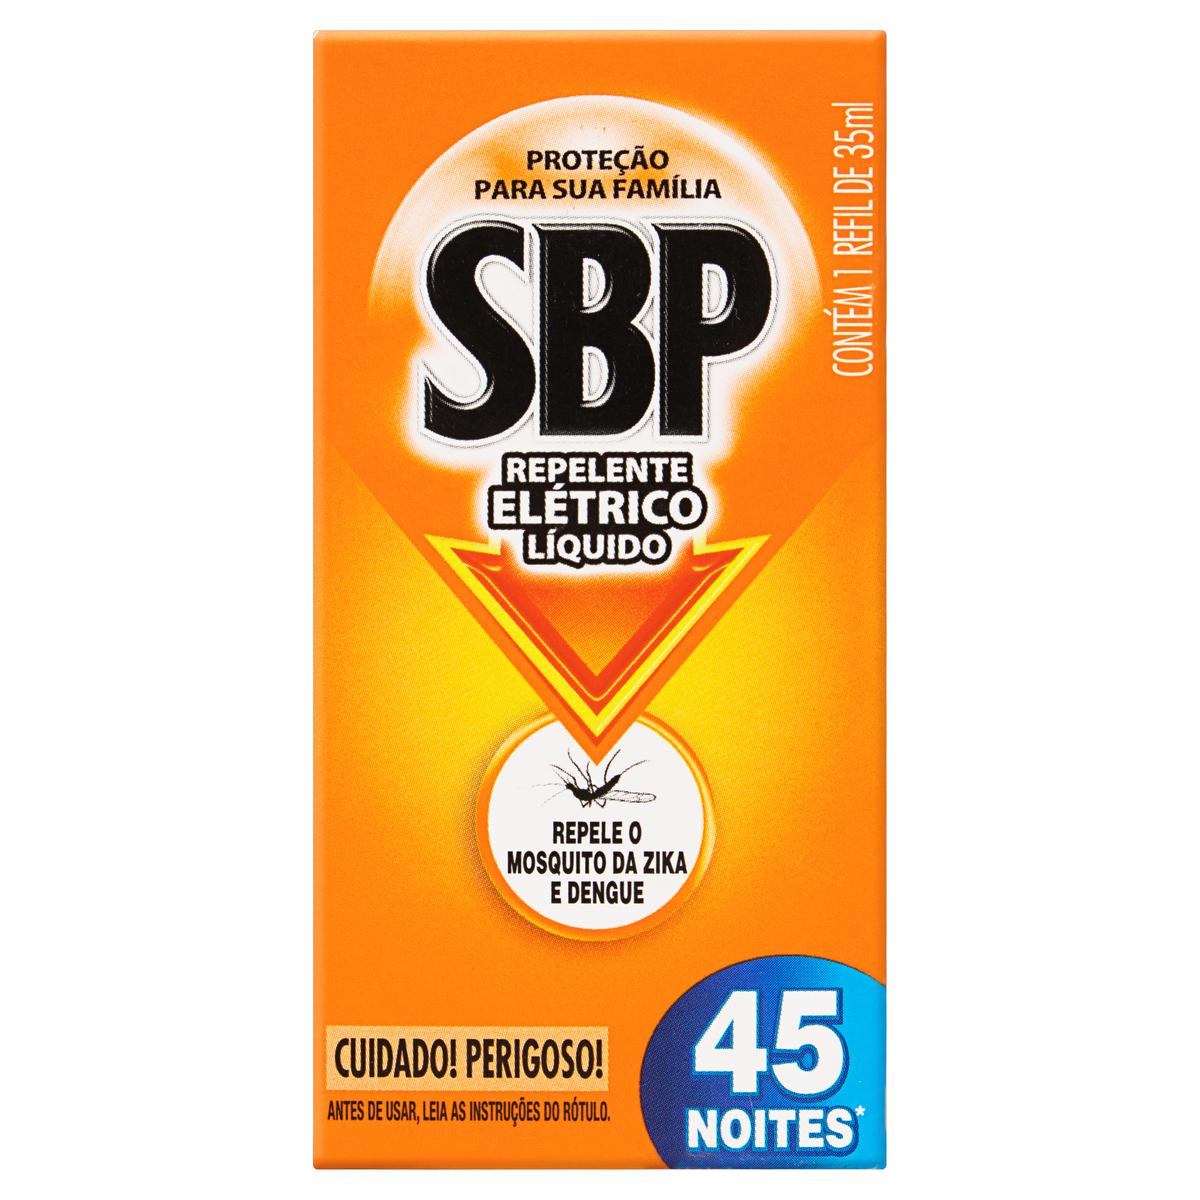 SBP ELETR LIQ 45 NOITES REFI 1X35ML(24)